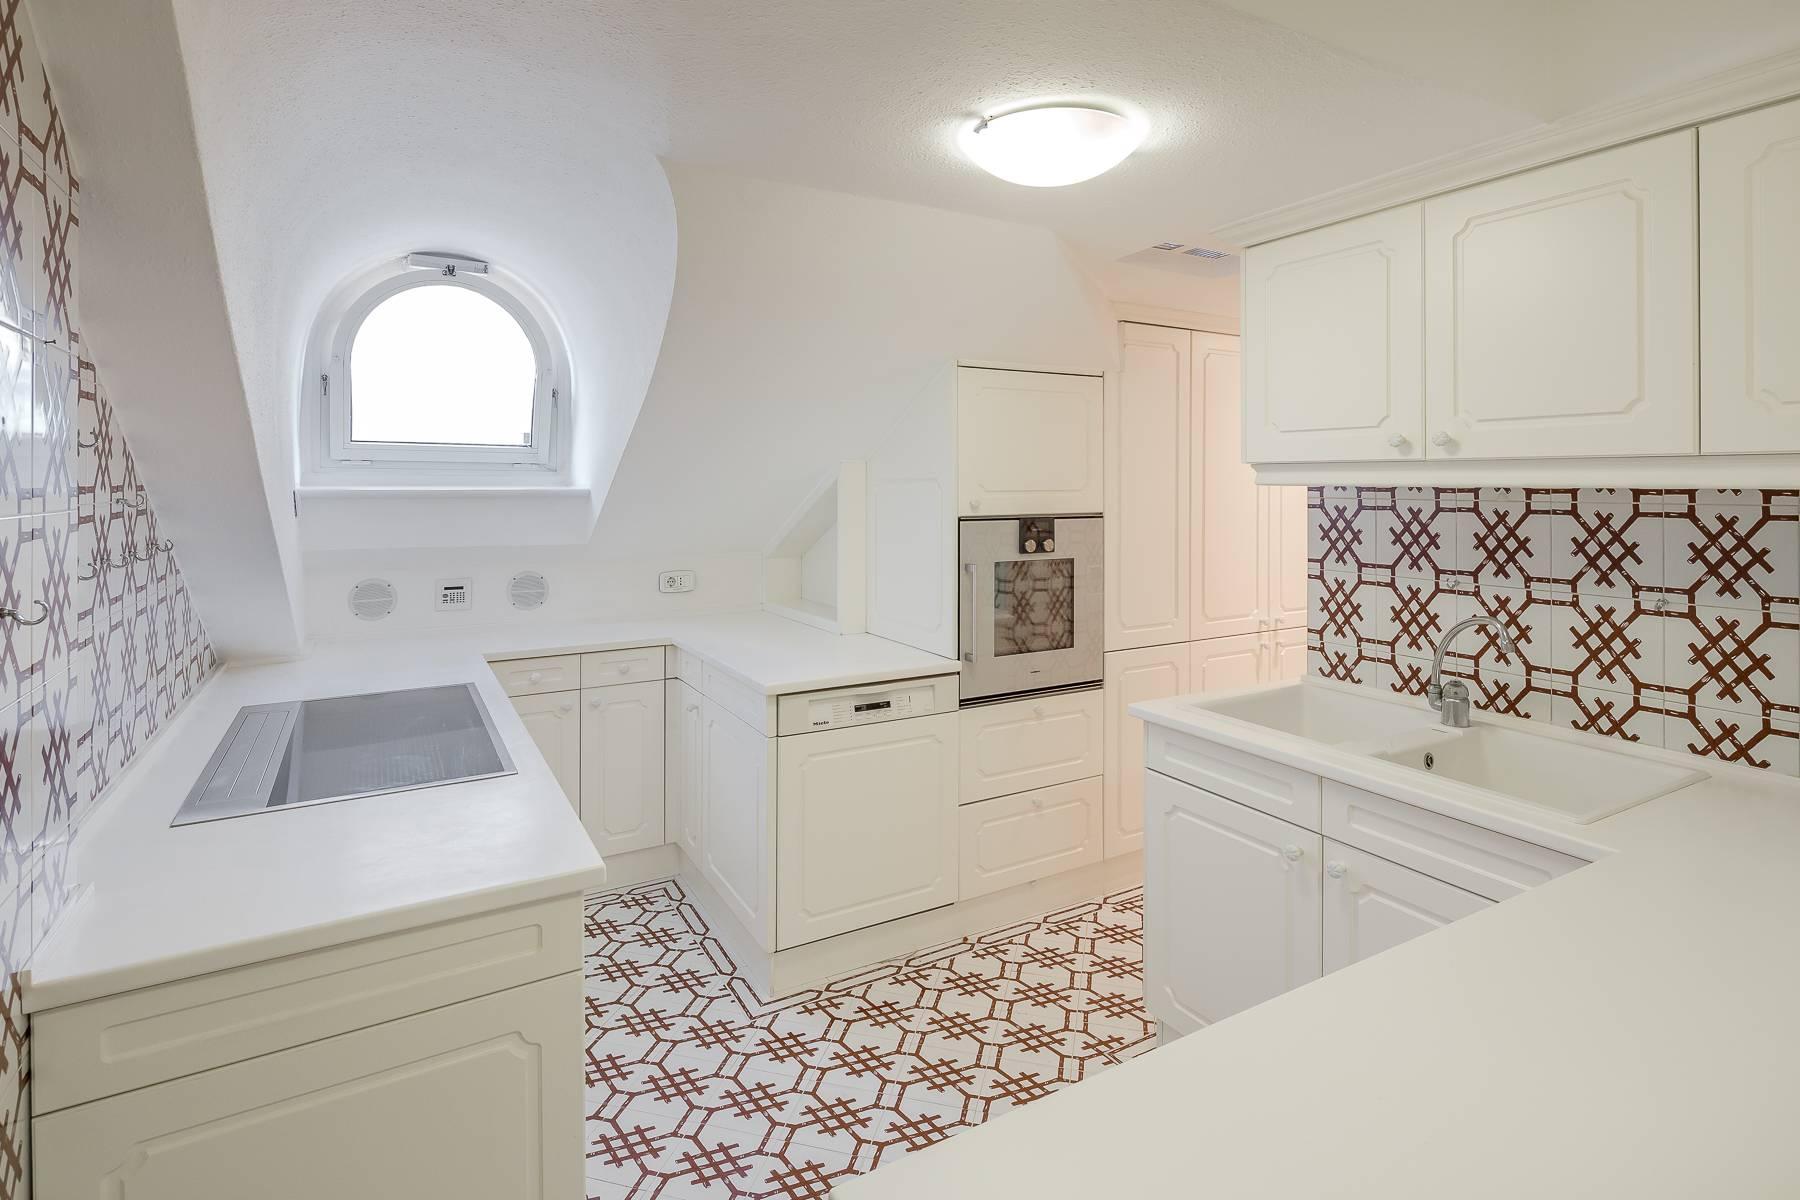 Top-floor apartment for rent in Via Tamburini - 27